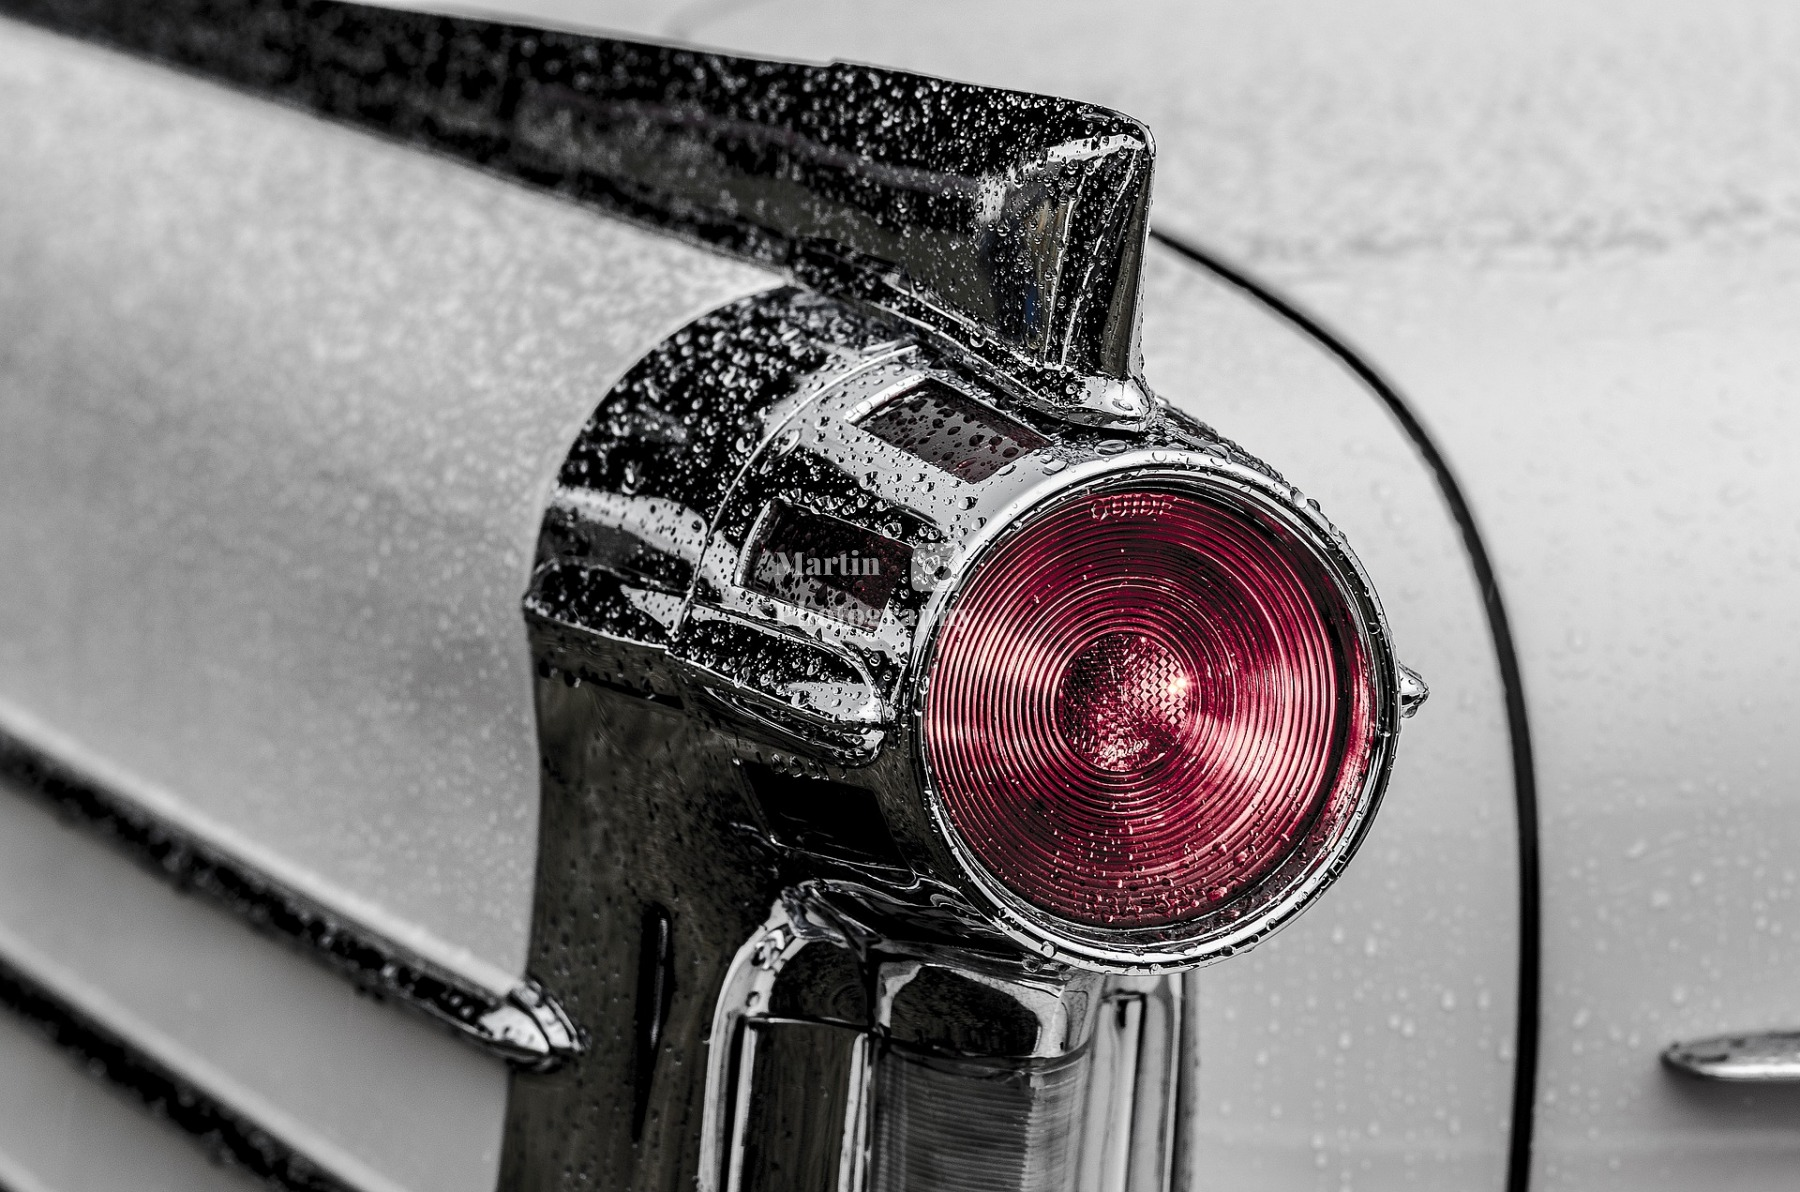 car-1859759_1920